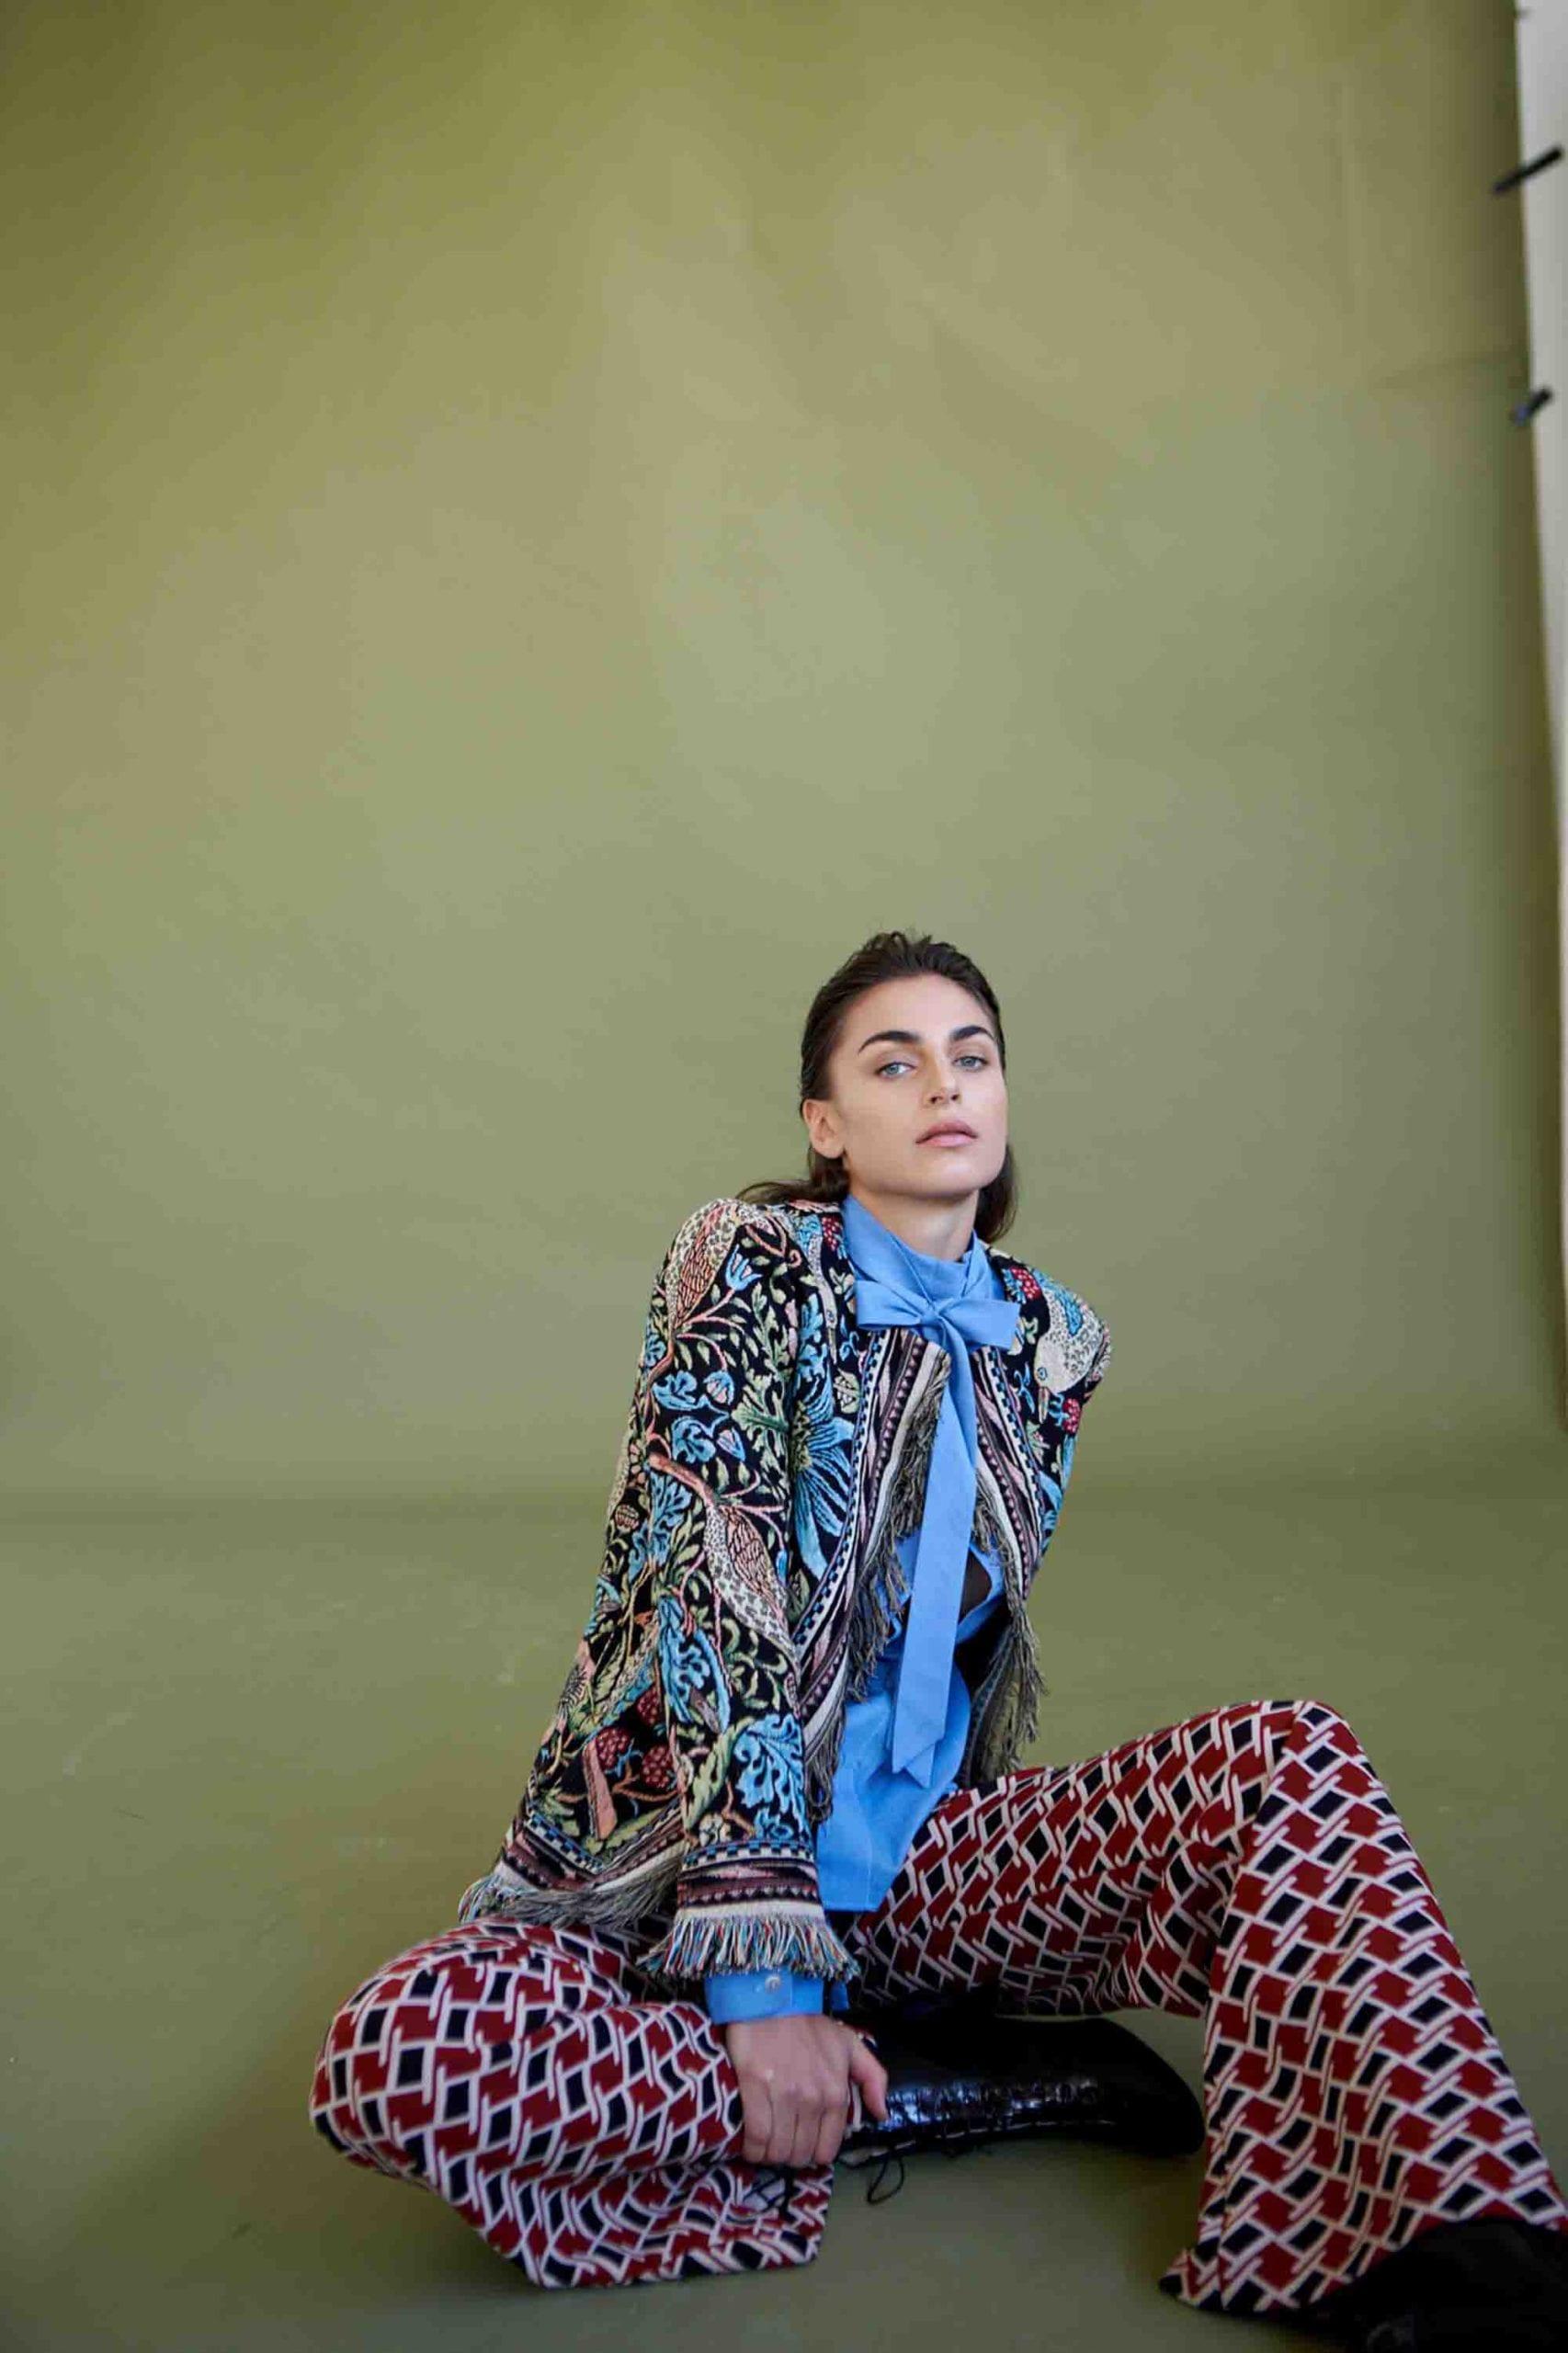 קובי גולן, Kobi Golan, מעצב אופנה, קולקציית אופנה 2020, מגזין אופנה, כתבות אופנה, הילה שייר, אופנה, מגזין אופנה ישראלי -19